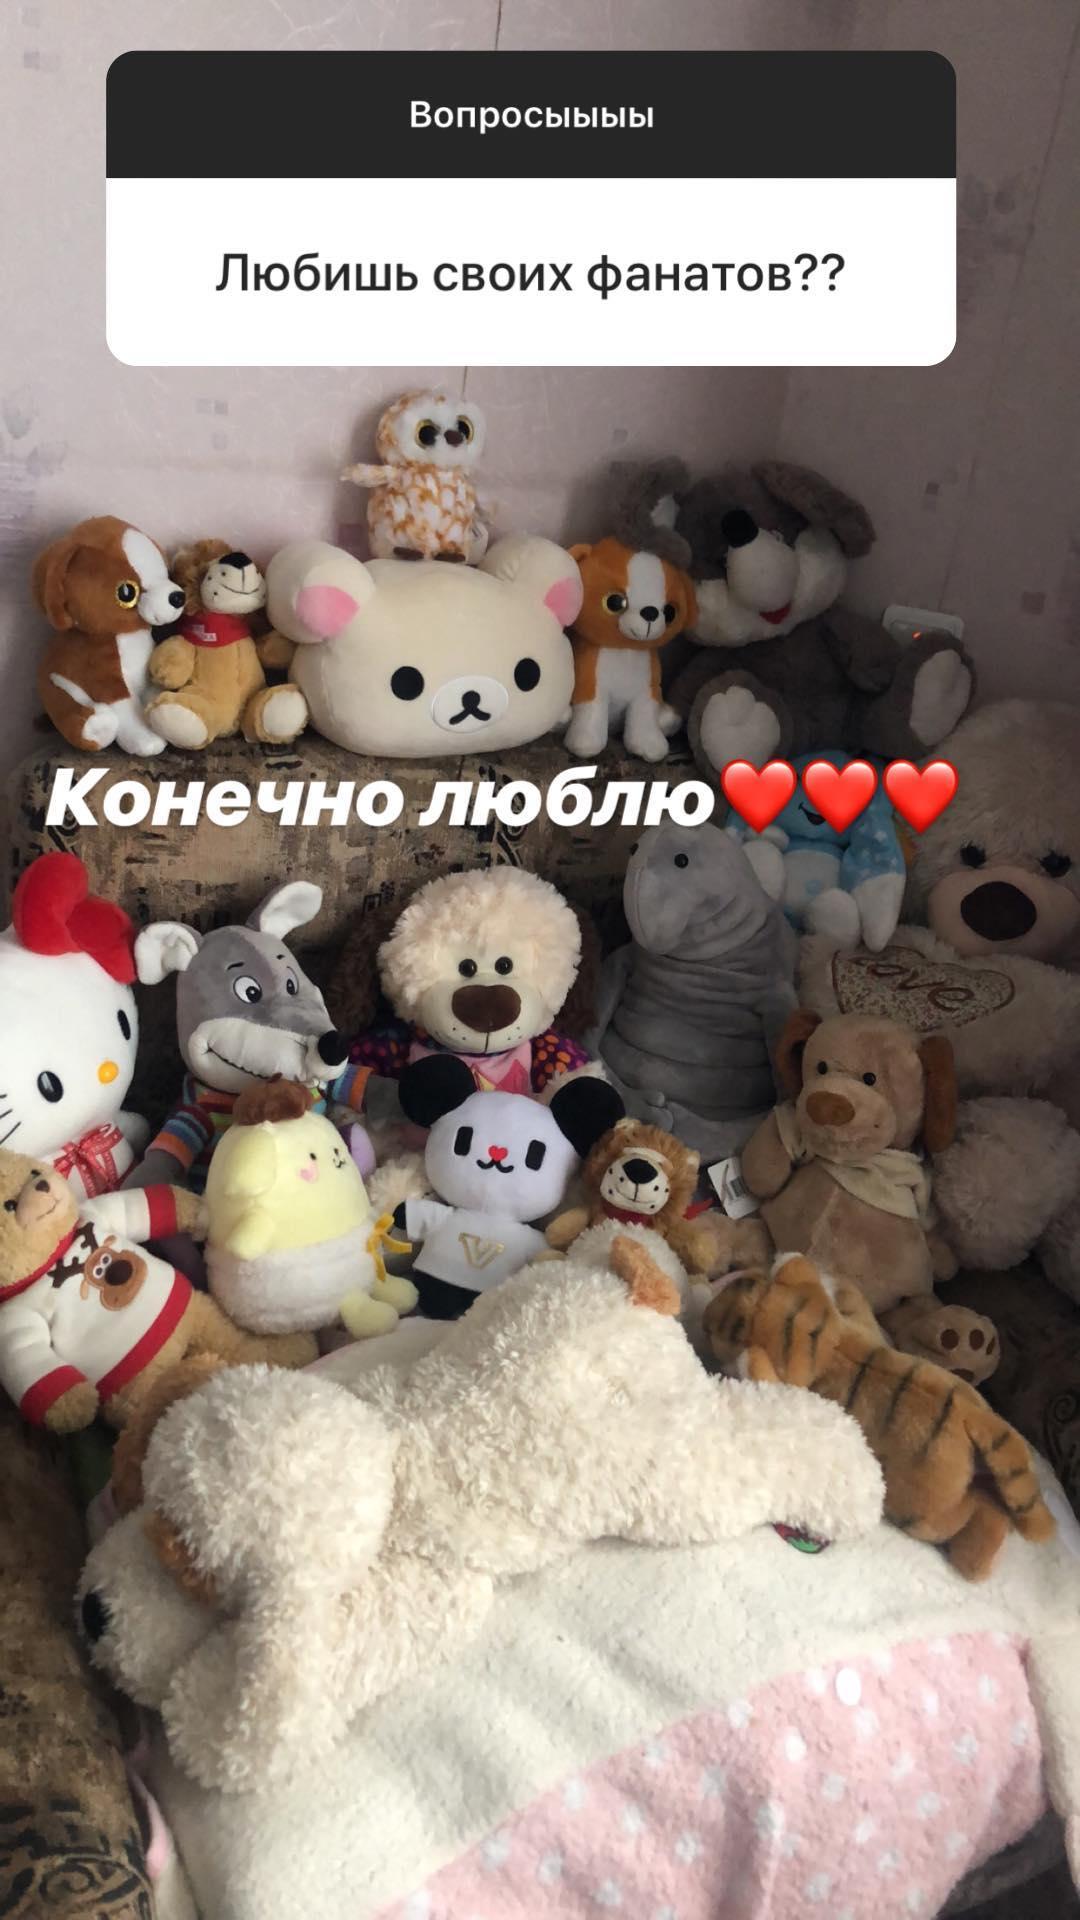 Дарья Паненкова - Страница 8 ZeqGXTMQO_s